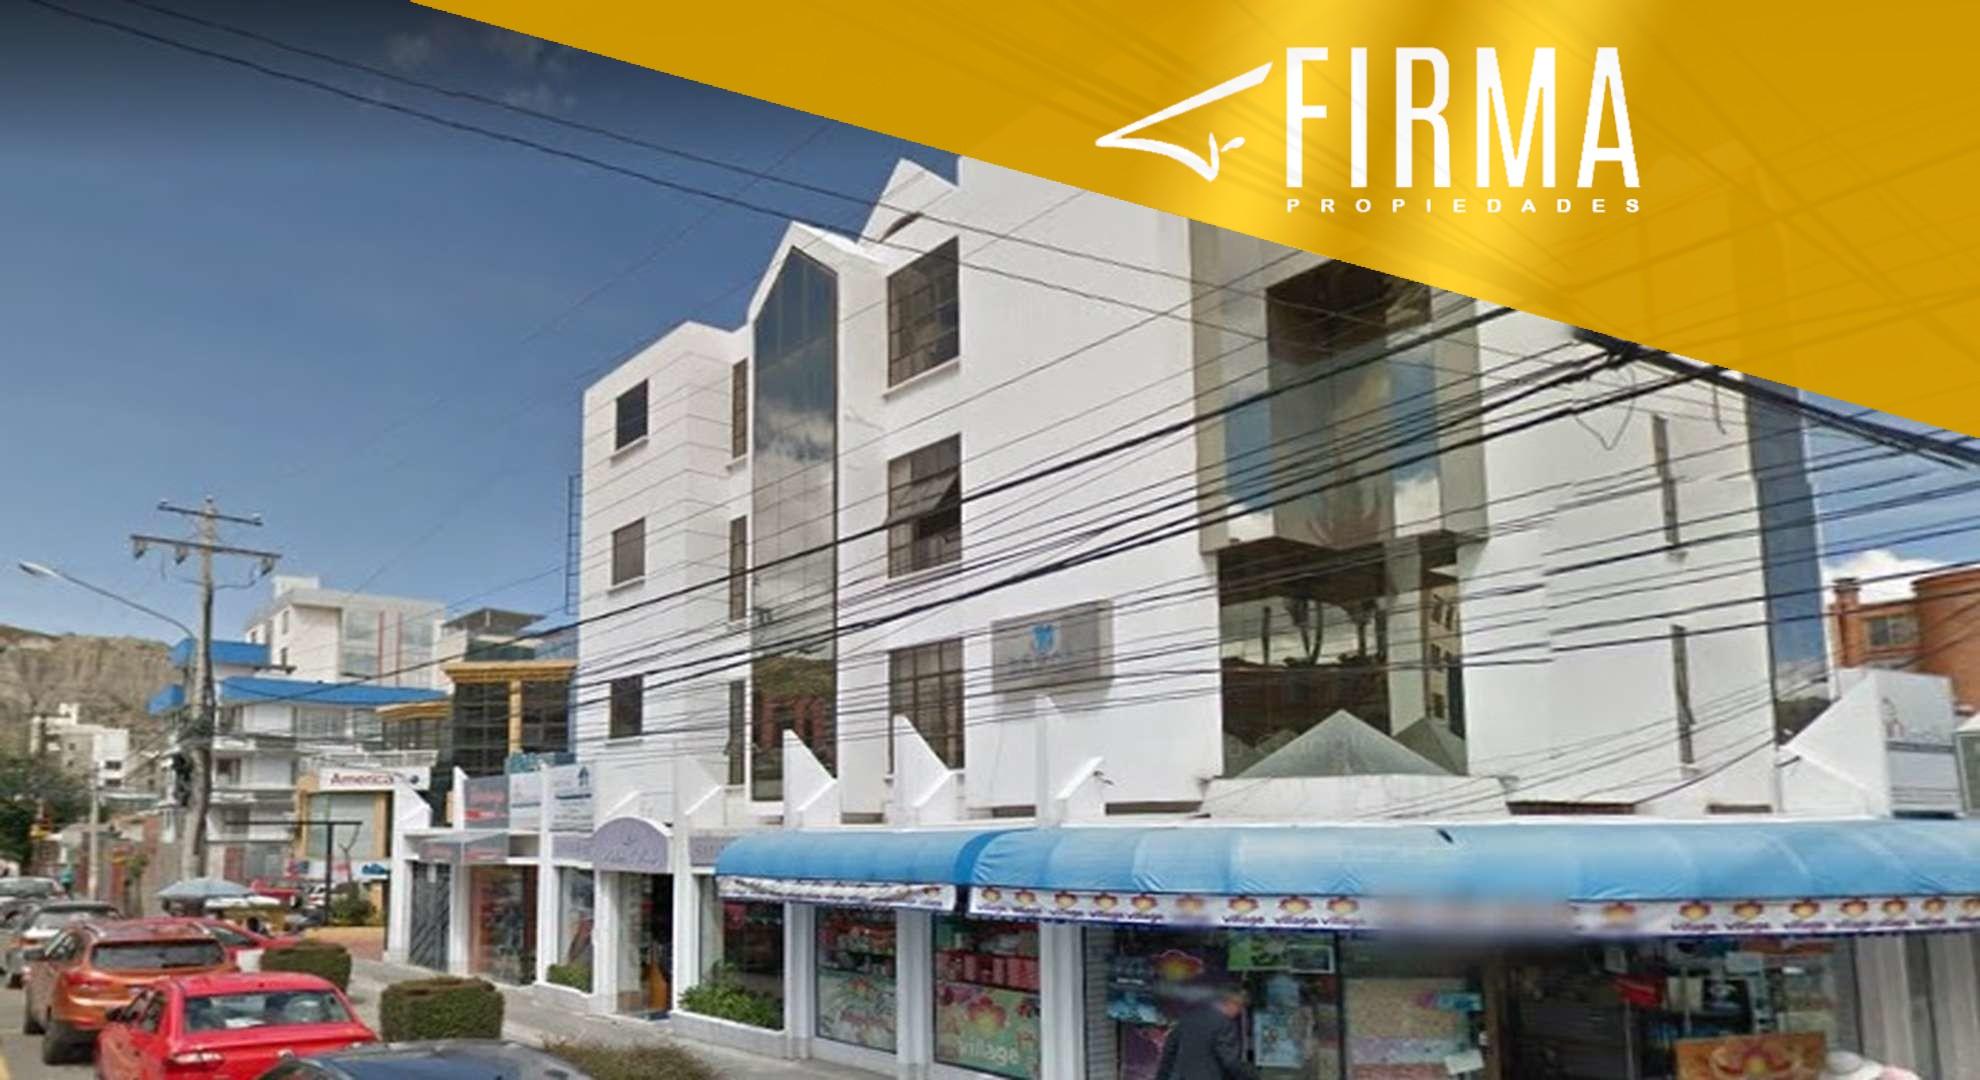 Oficina en Alquiler FOA53350 – ALQUILA ESTA OFICINA EN CALACOTO Foto 2